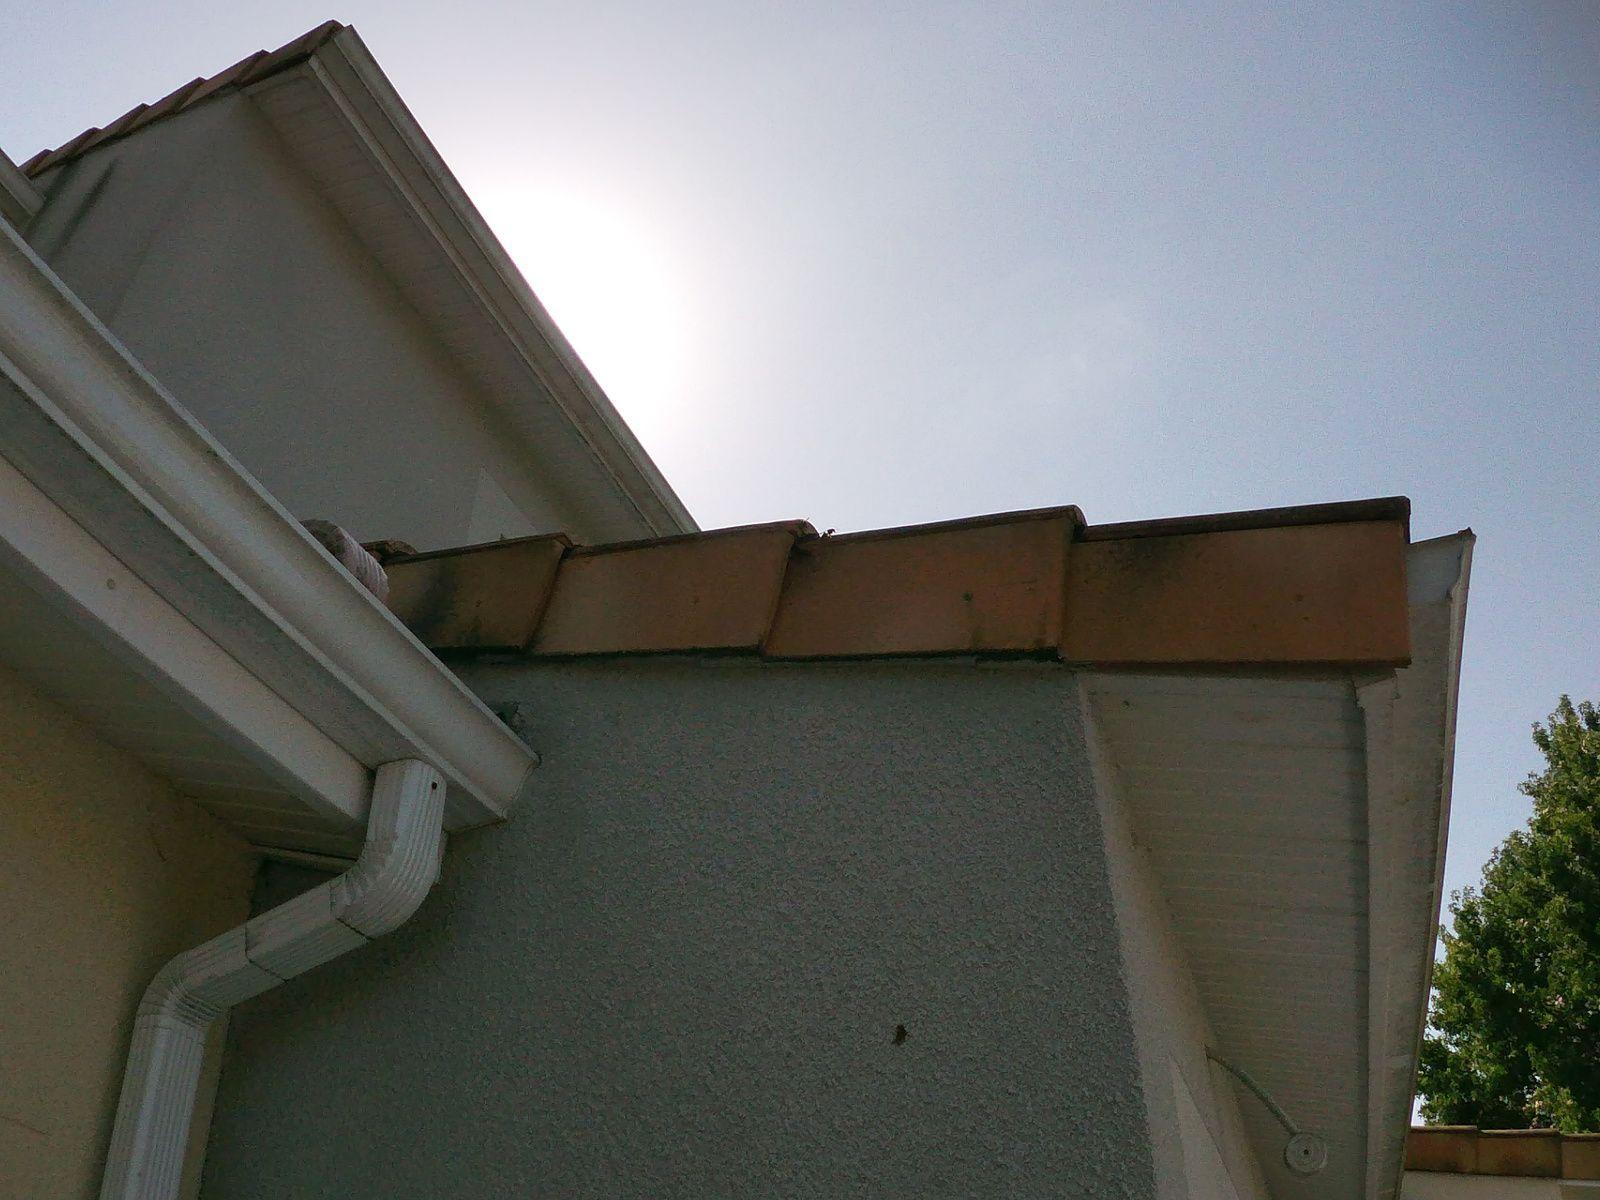 Tabanac destruction et traitement rapide de vos nids de frelons contact 06 78 18 32 34